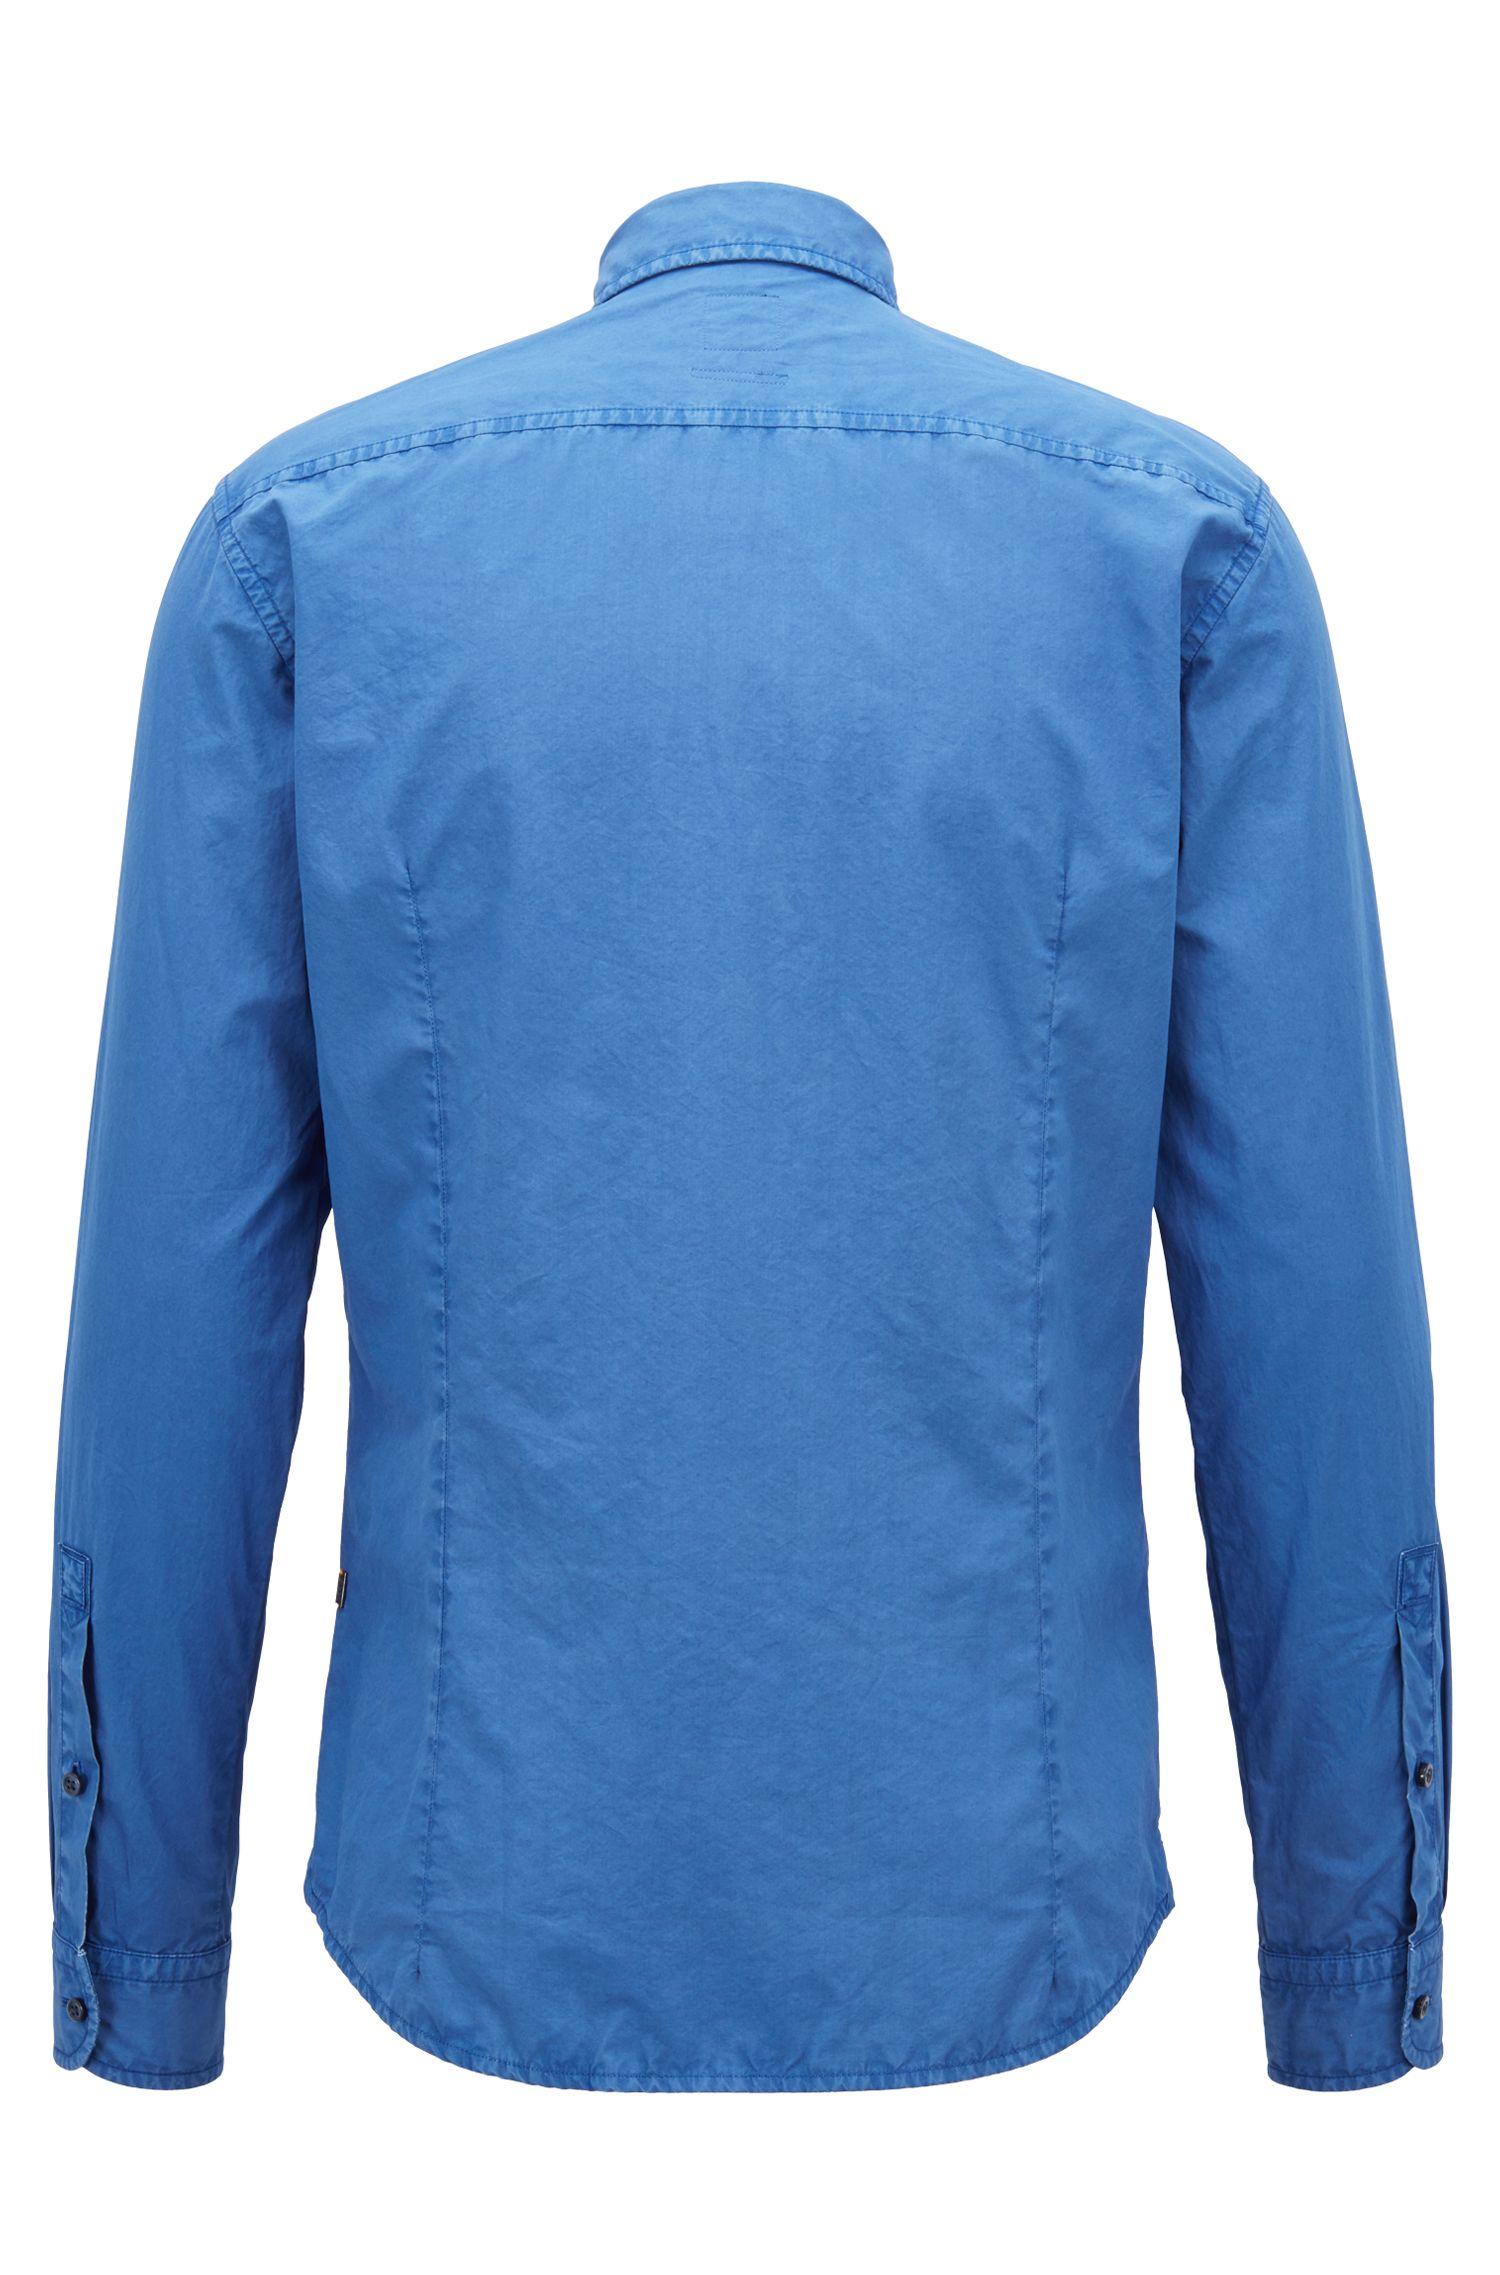 Slim-Fit Hemd aus pigmentgefärbter Baumwolle mit Paper-Touch-Effekt, Blau